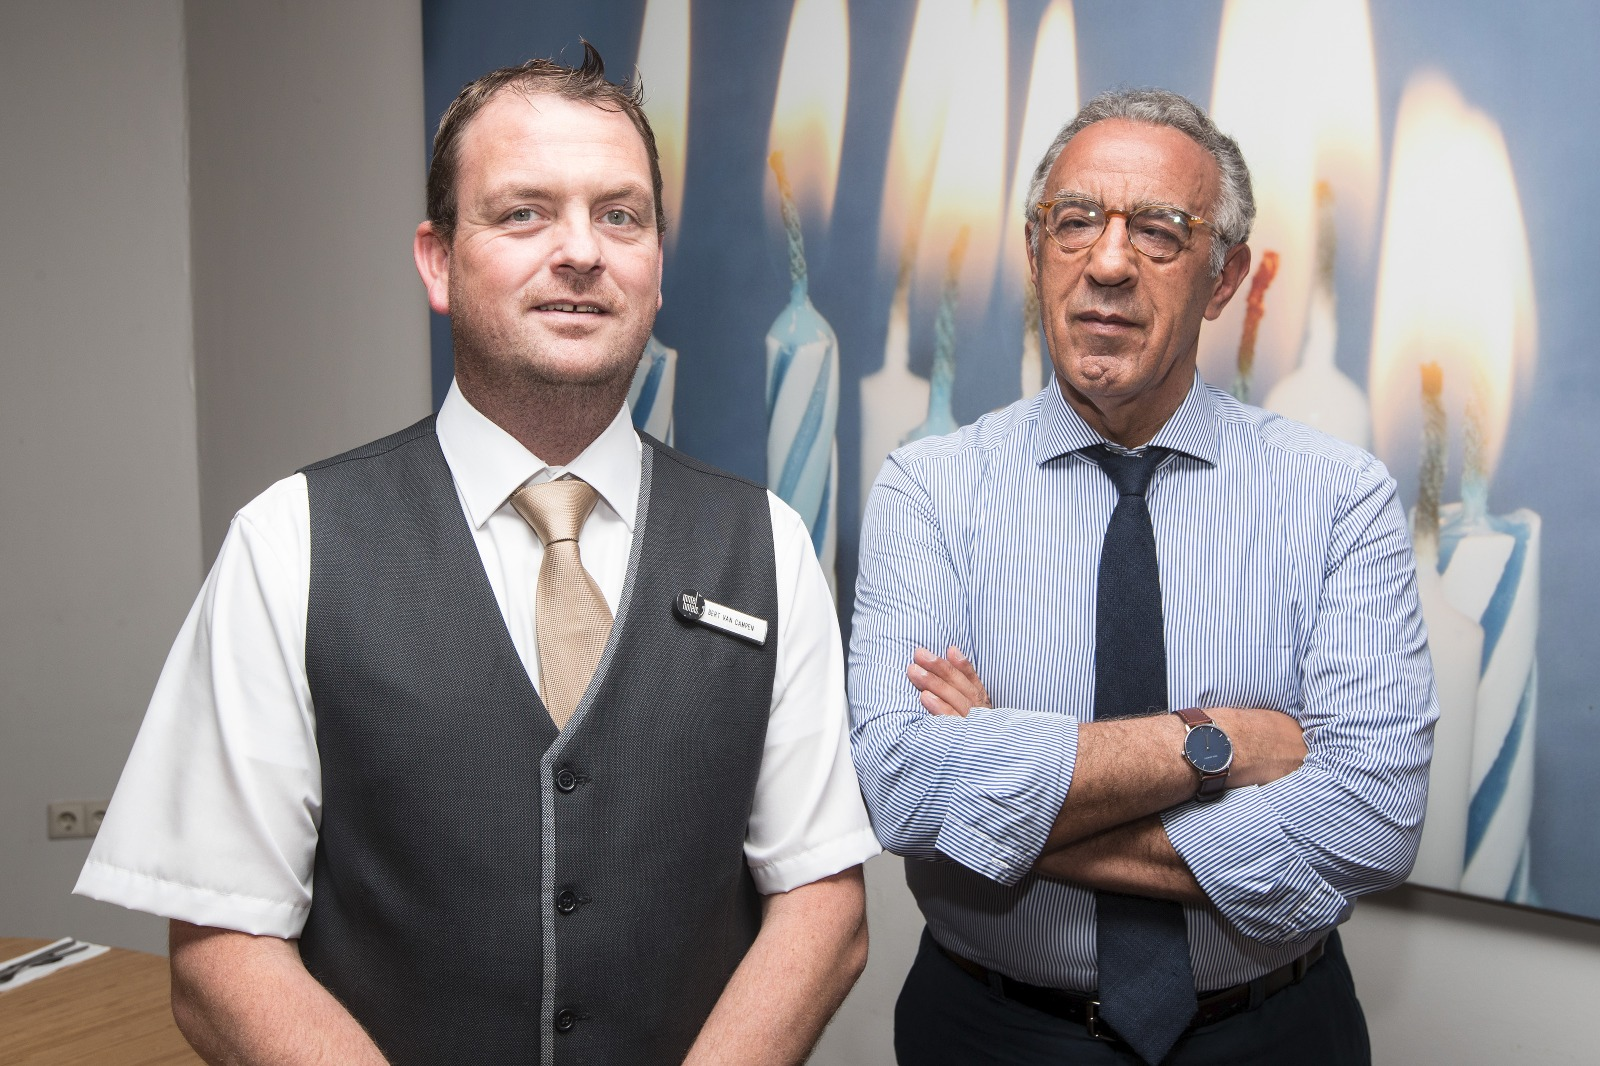 Bert van Hotel Inntel ontvangt Burhan Ozbilici. Foto Patrick van Gemert, Zutphens Persbureau